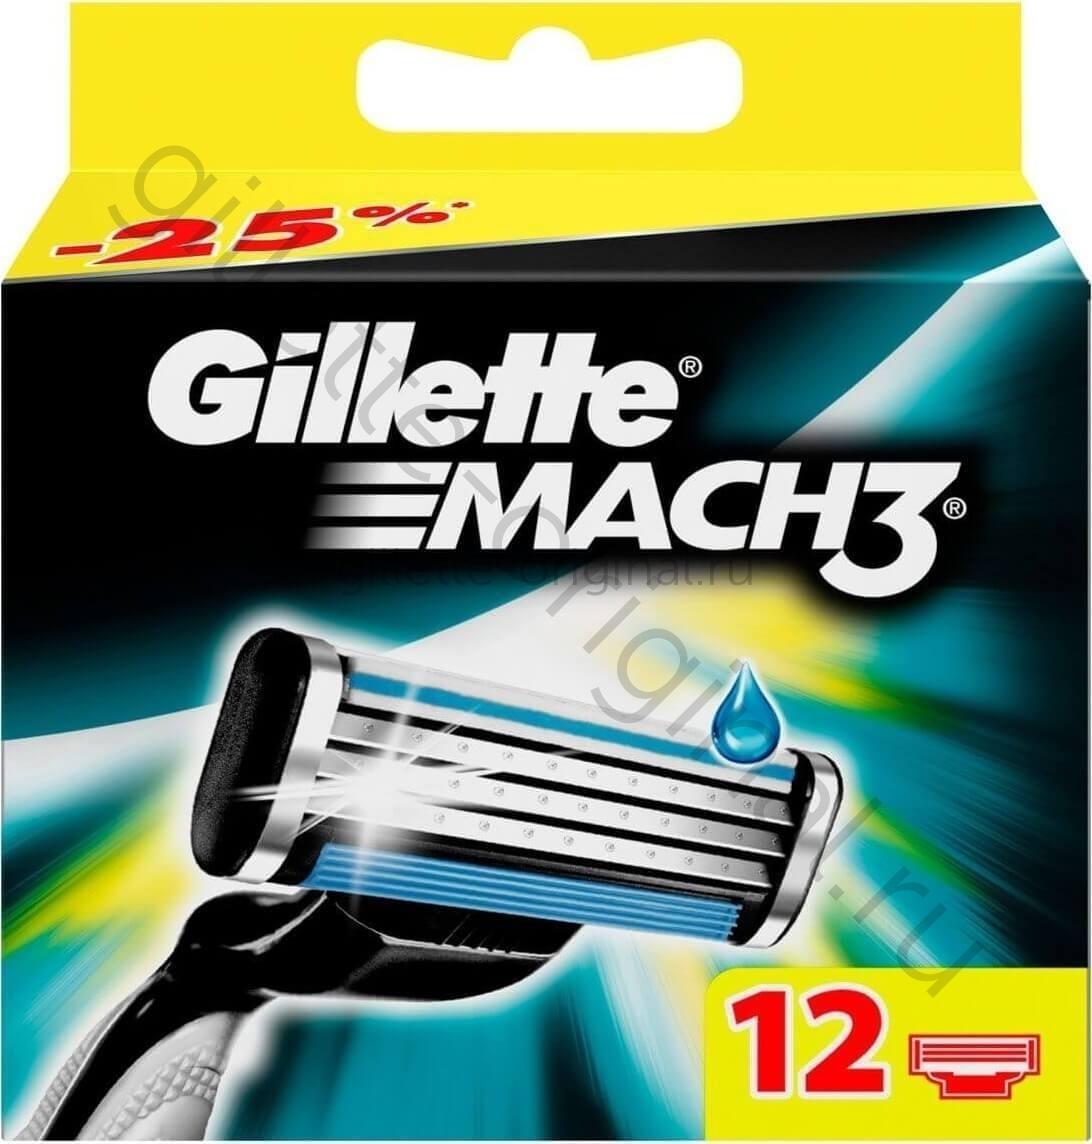 Кассеты для бритья Gillette mach3 12 шт (Хит продаж)